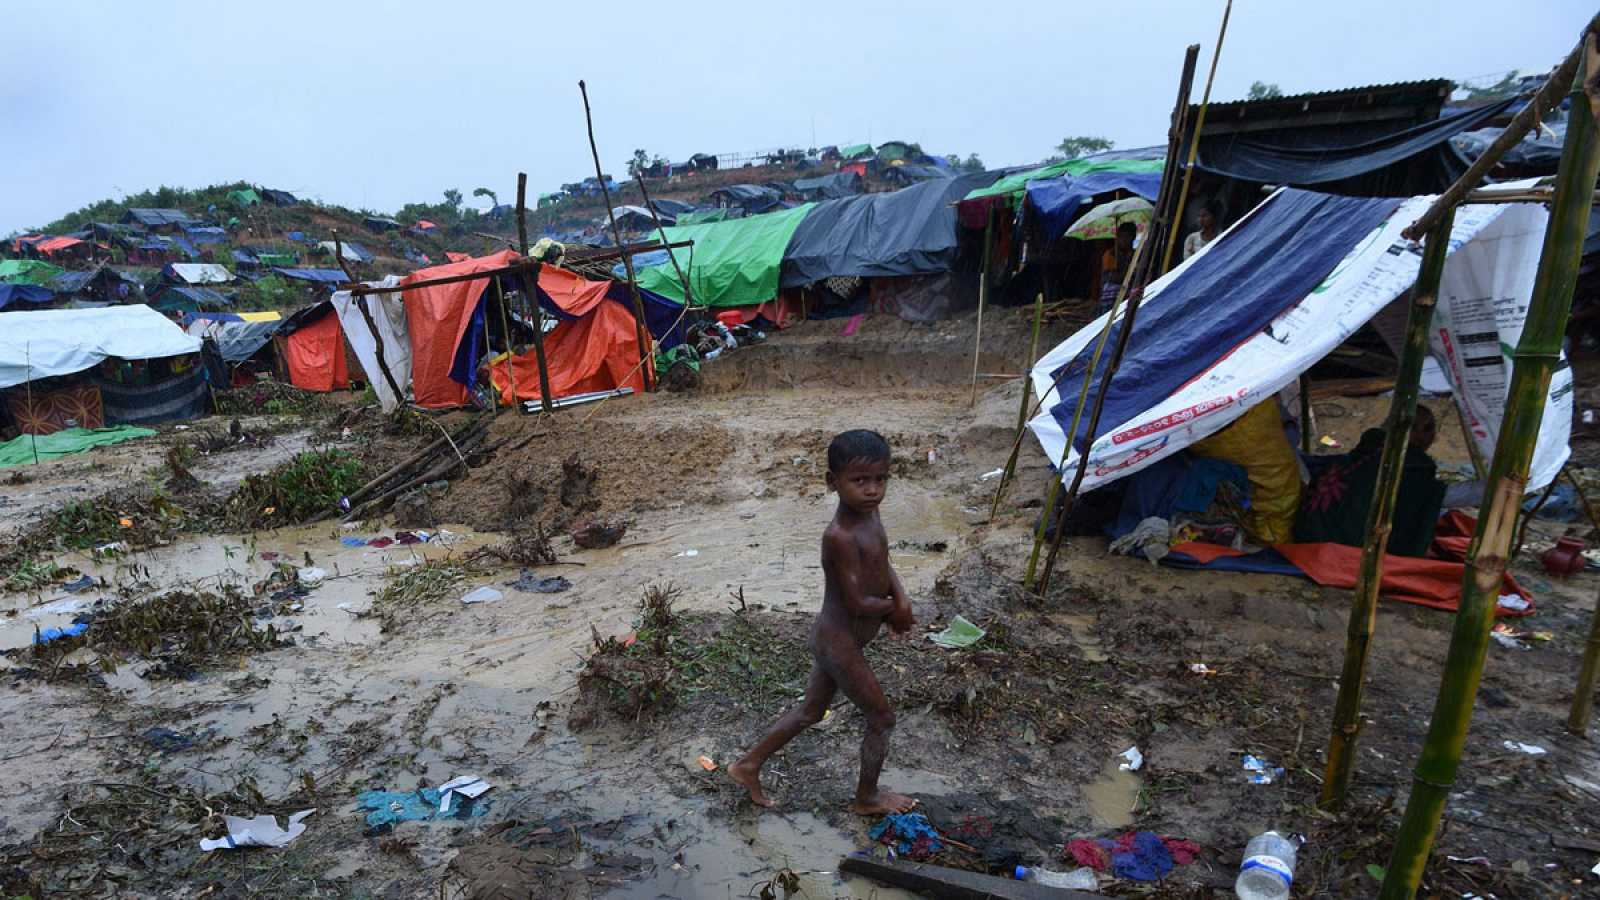 Un niño camina desnudo en el campameto de rohingyas de Balukhali, en Bangladesh